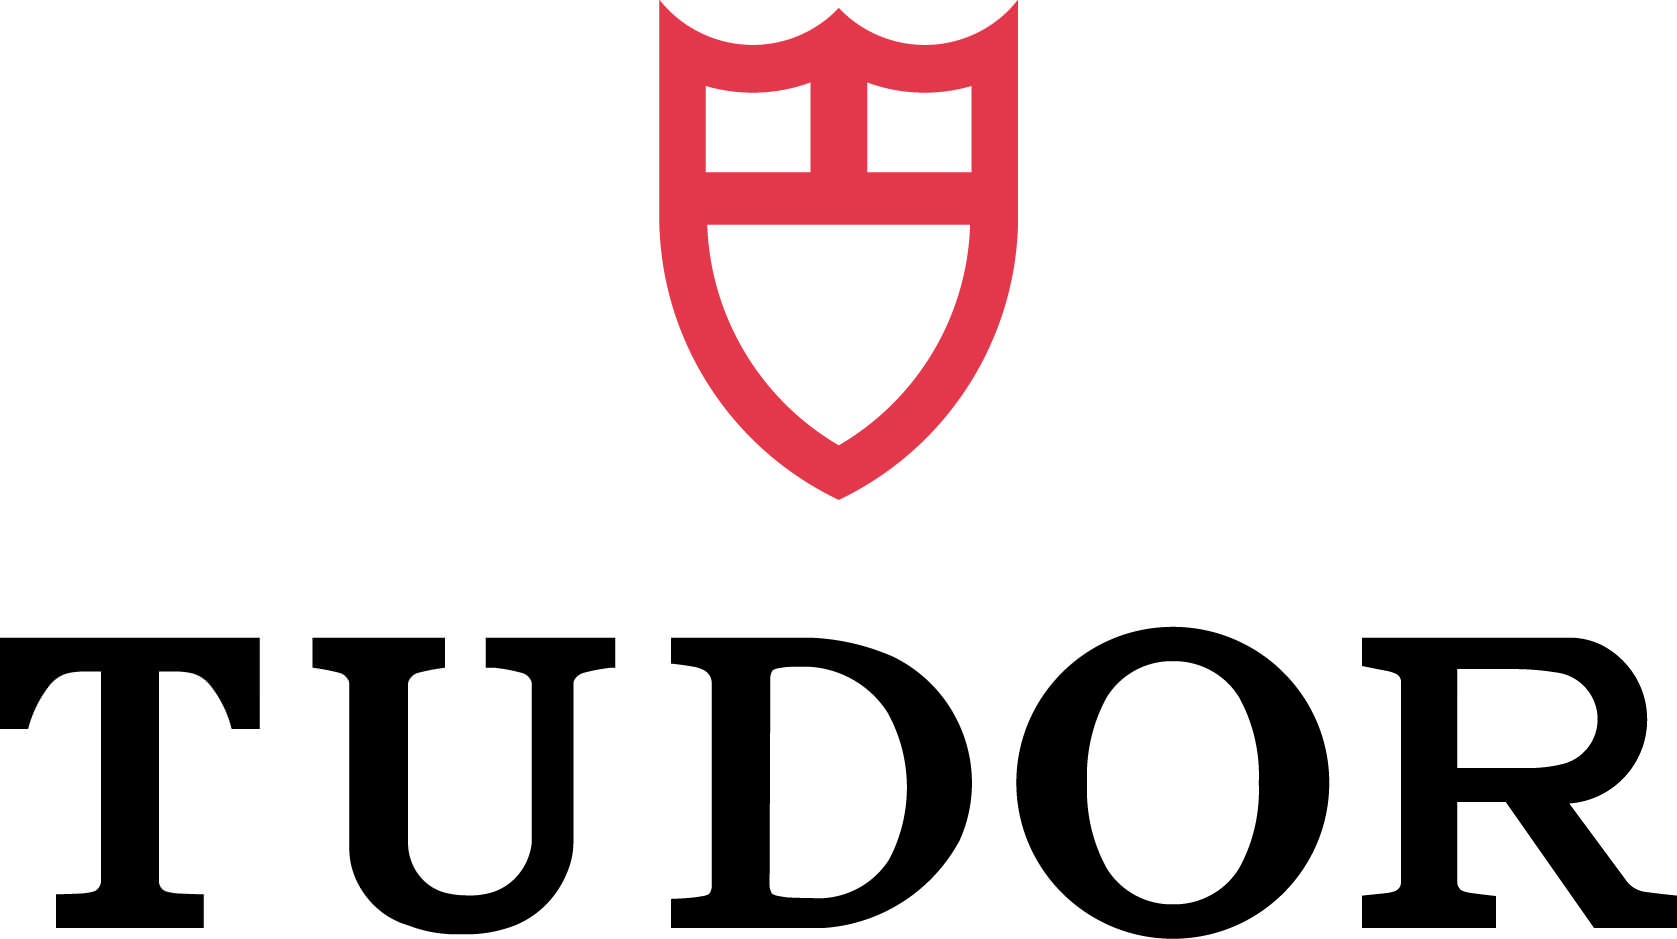 Tudor logo blk red